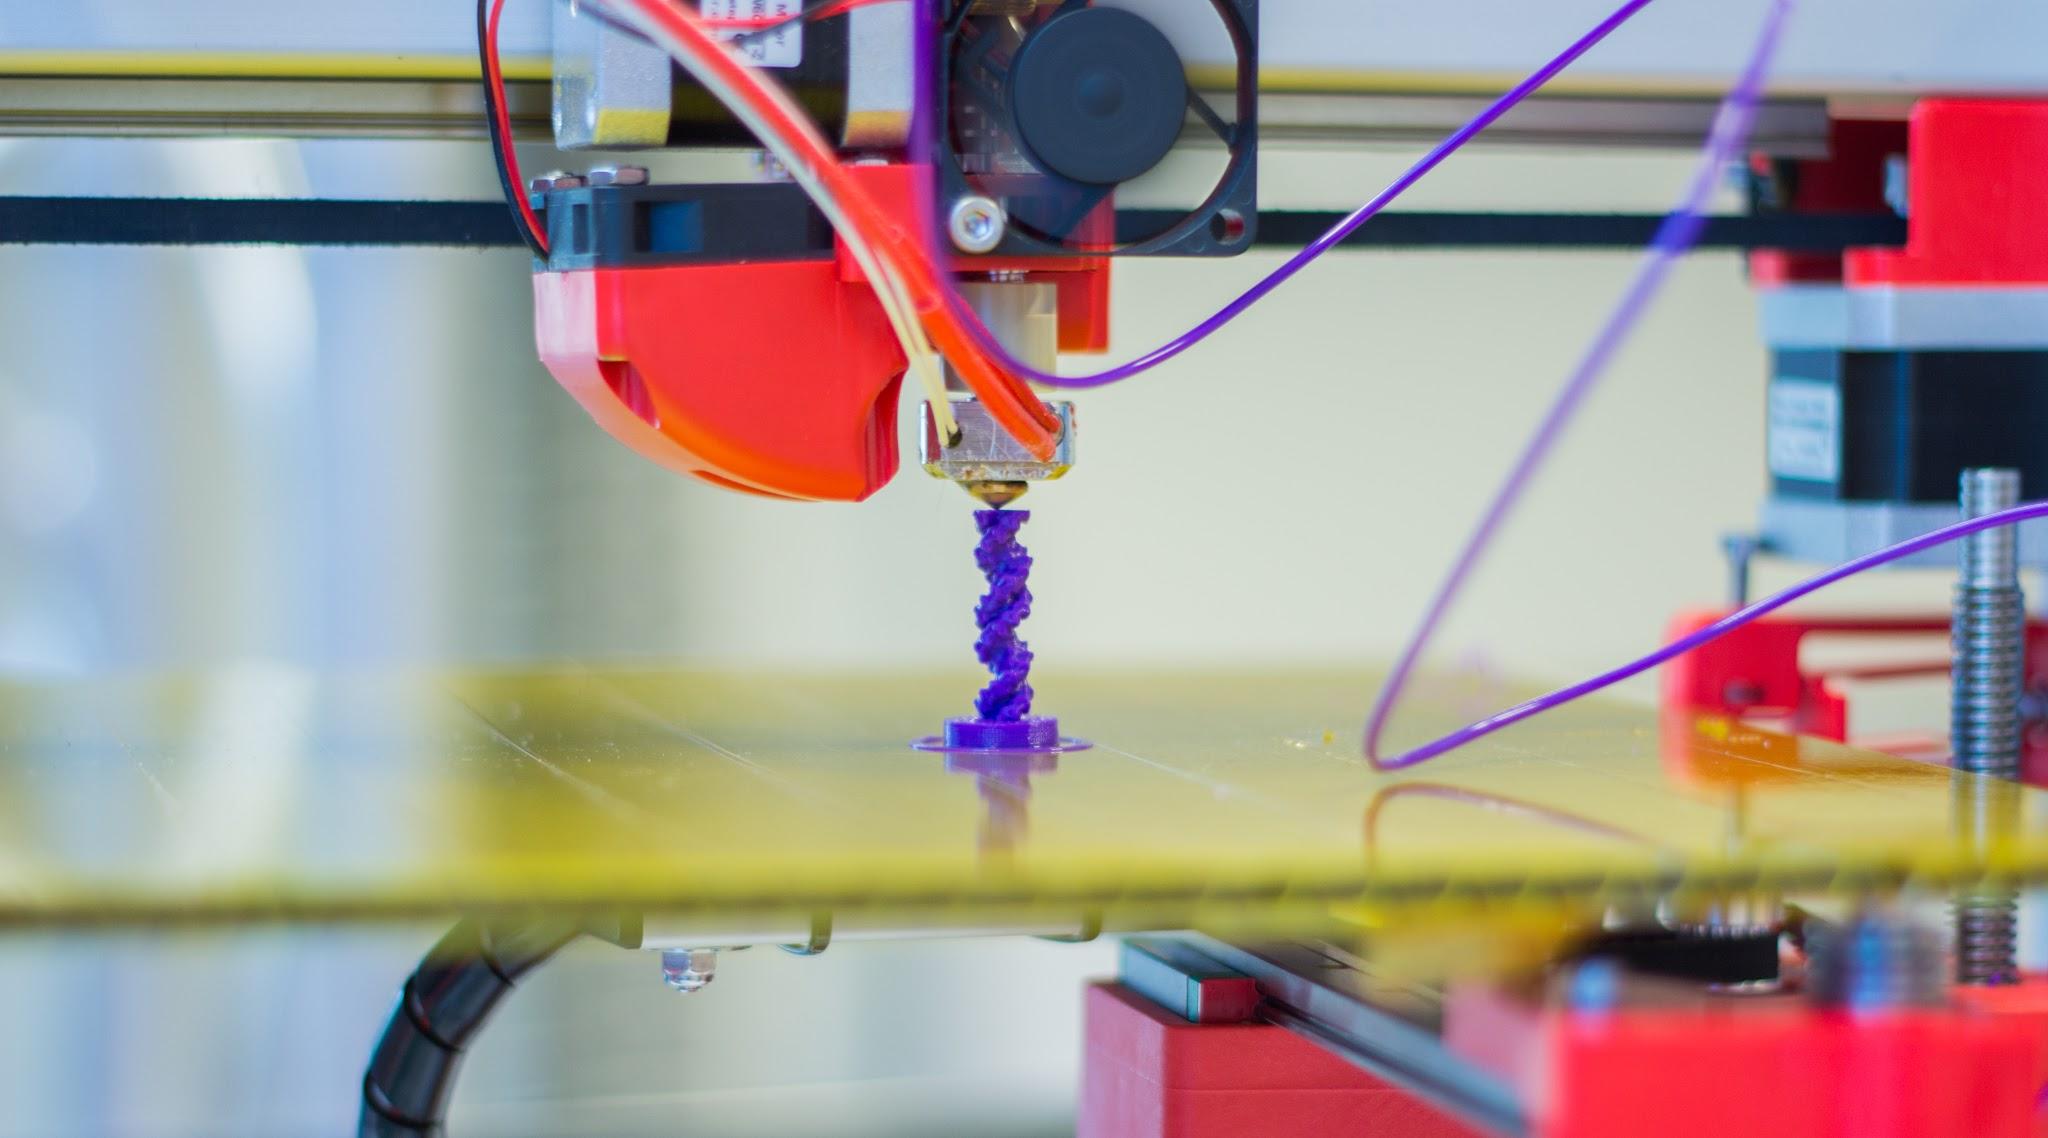 Felix_3D_Printer